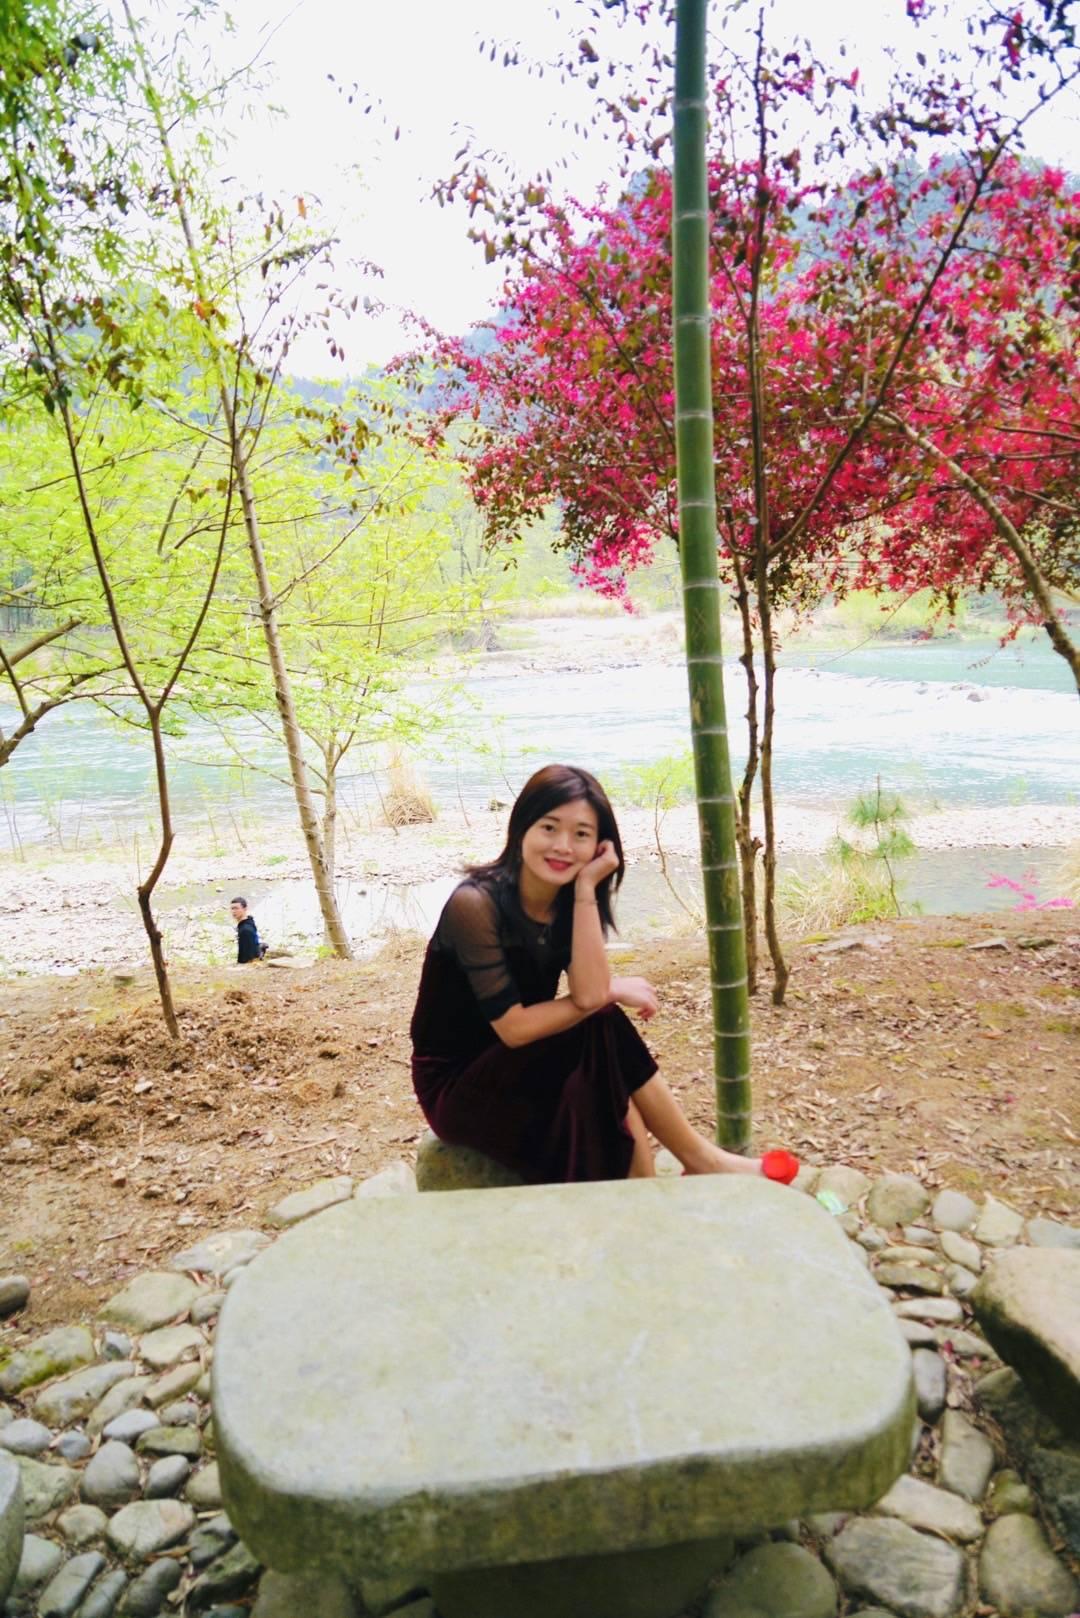 温州赏花指南,赴约春天就去这5处,感受春天的魅力